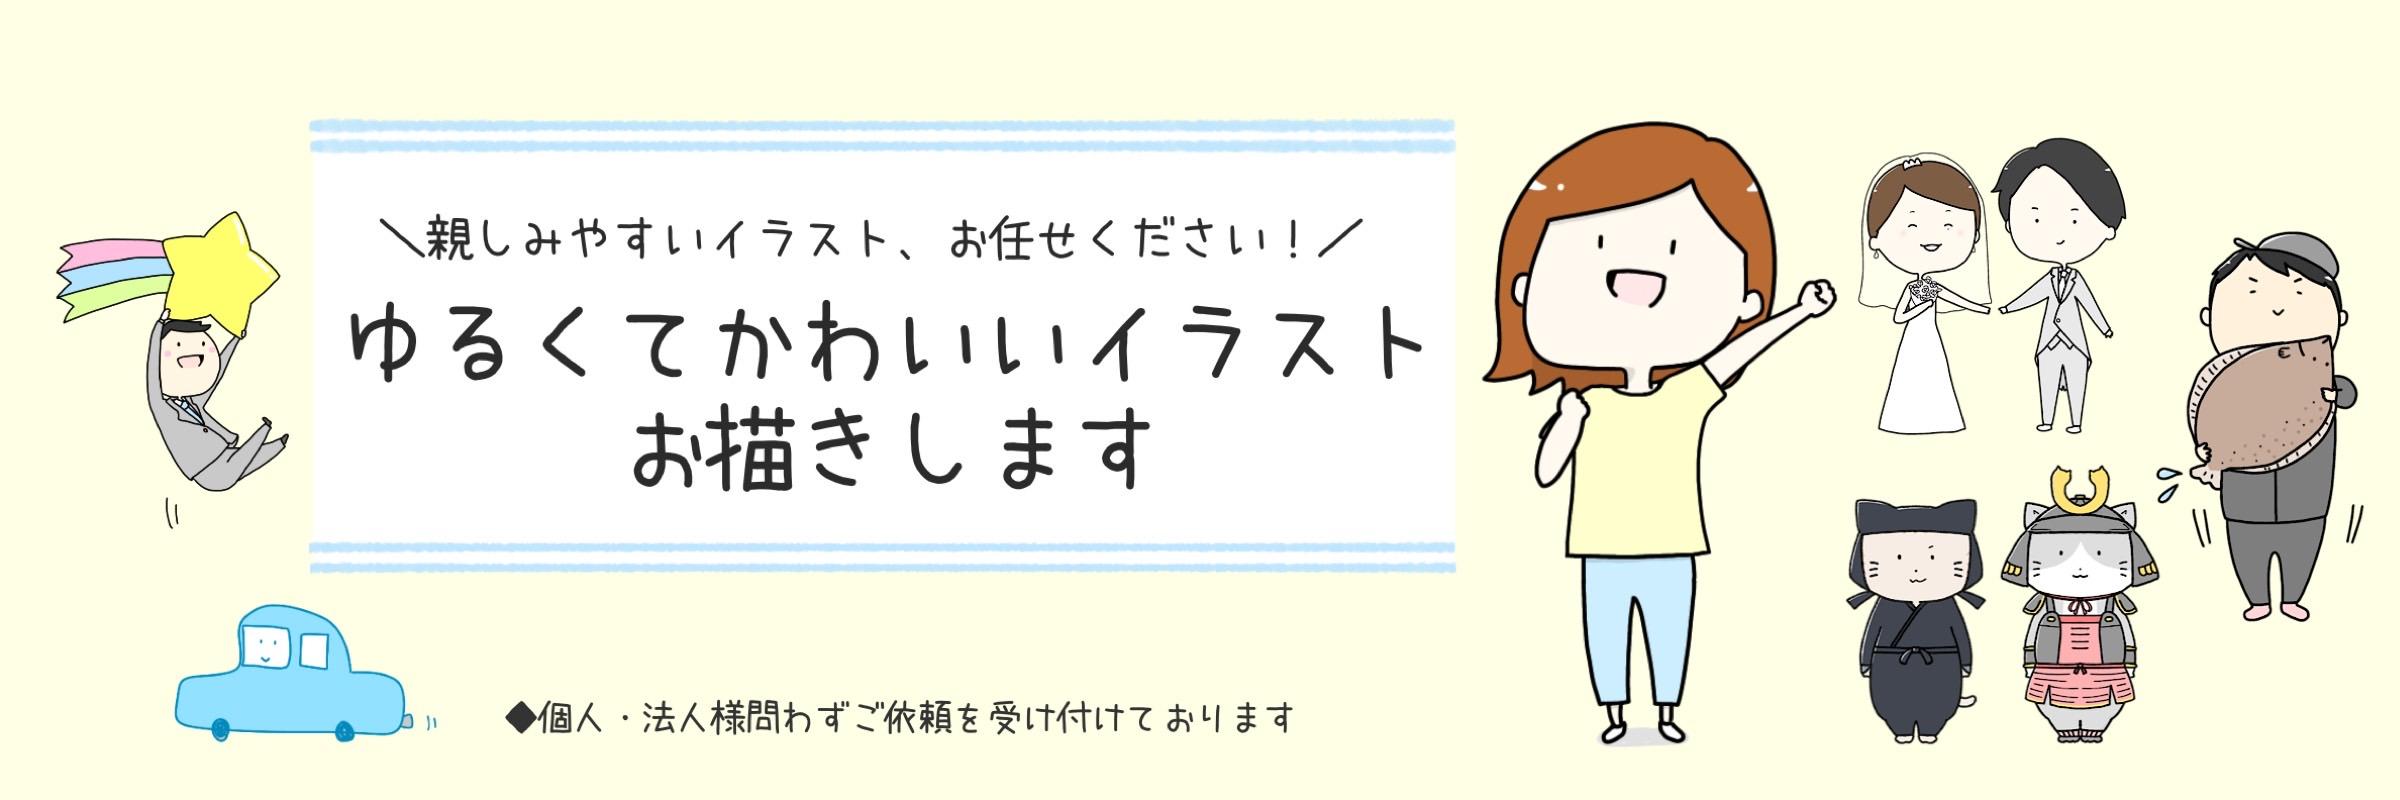 イラストレーター島田あやのページ ヘッダー